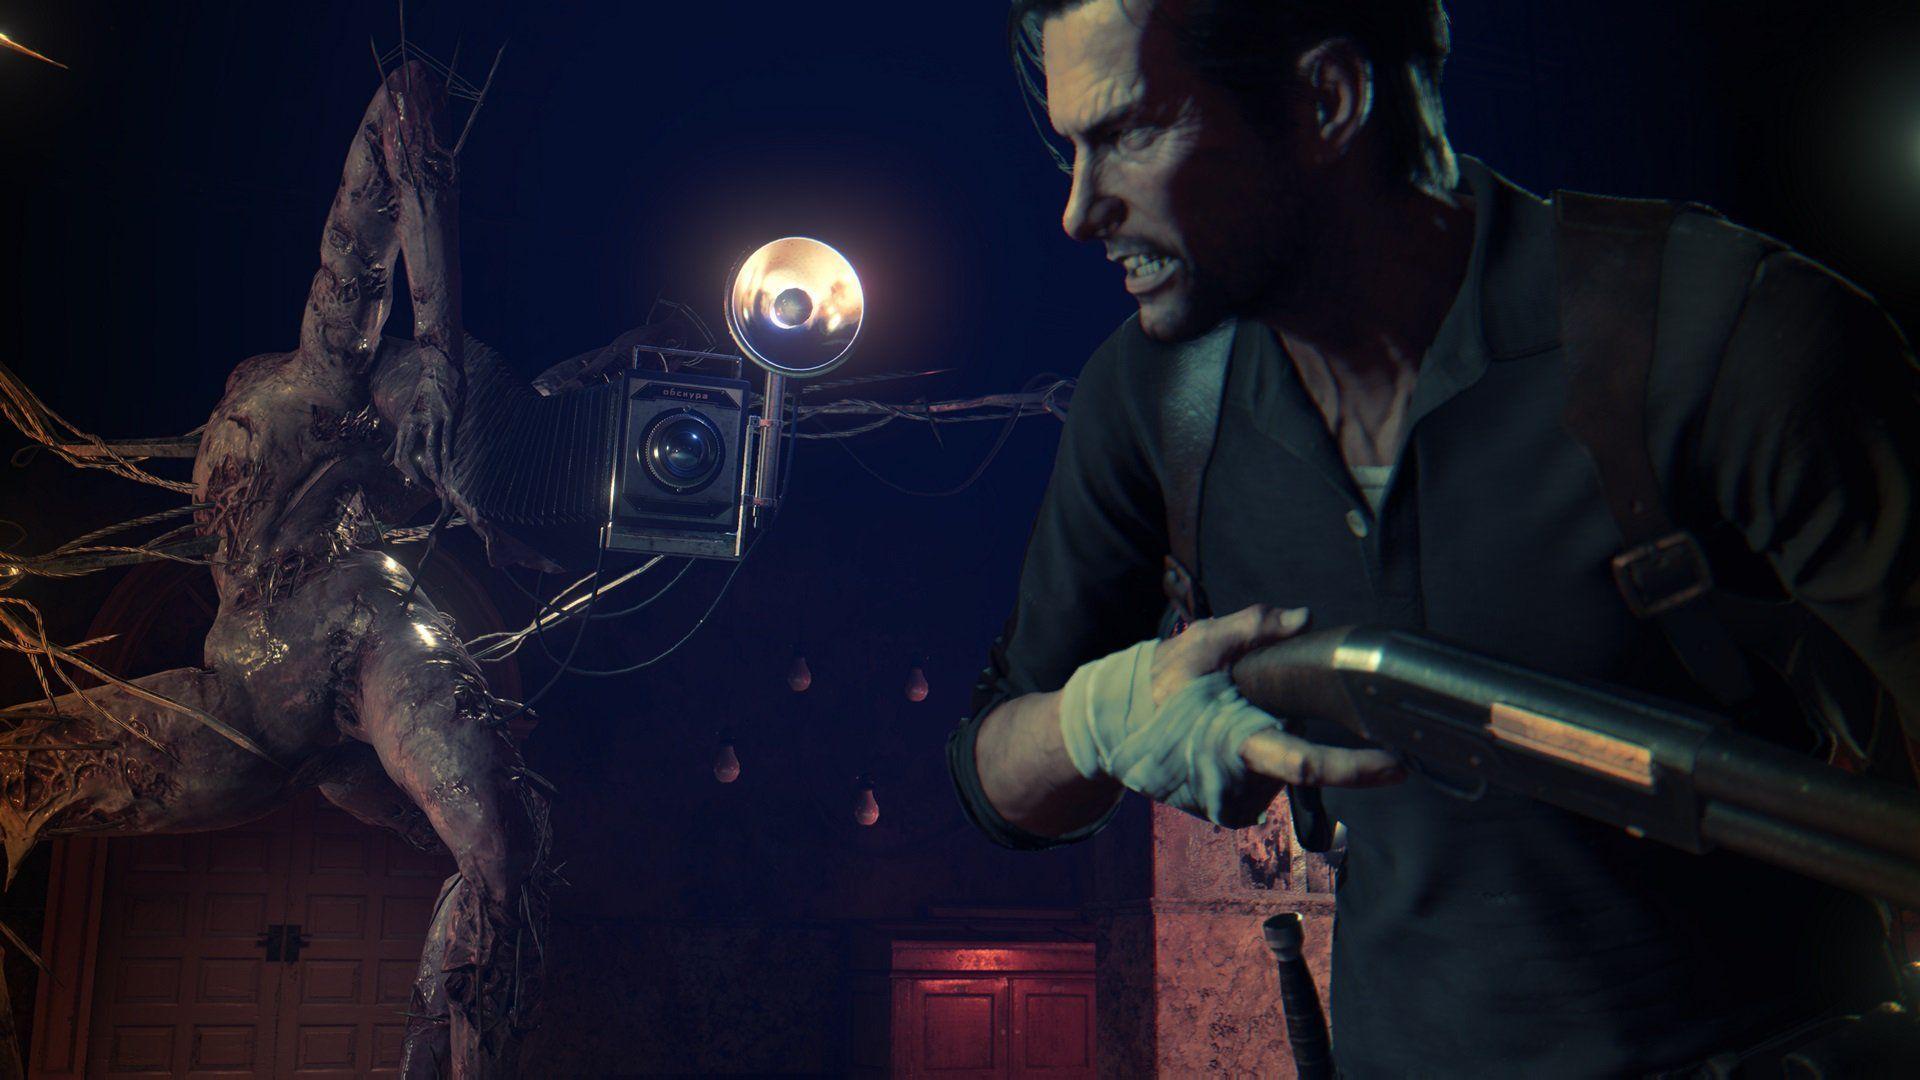 """""""The Evil Within 2"""": Tráiler de lanzamiento del juego... ¡Cuidado, que salpica!"""